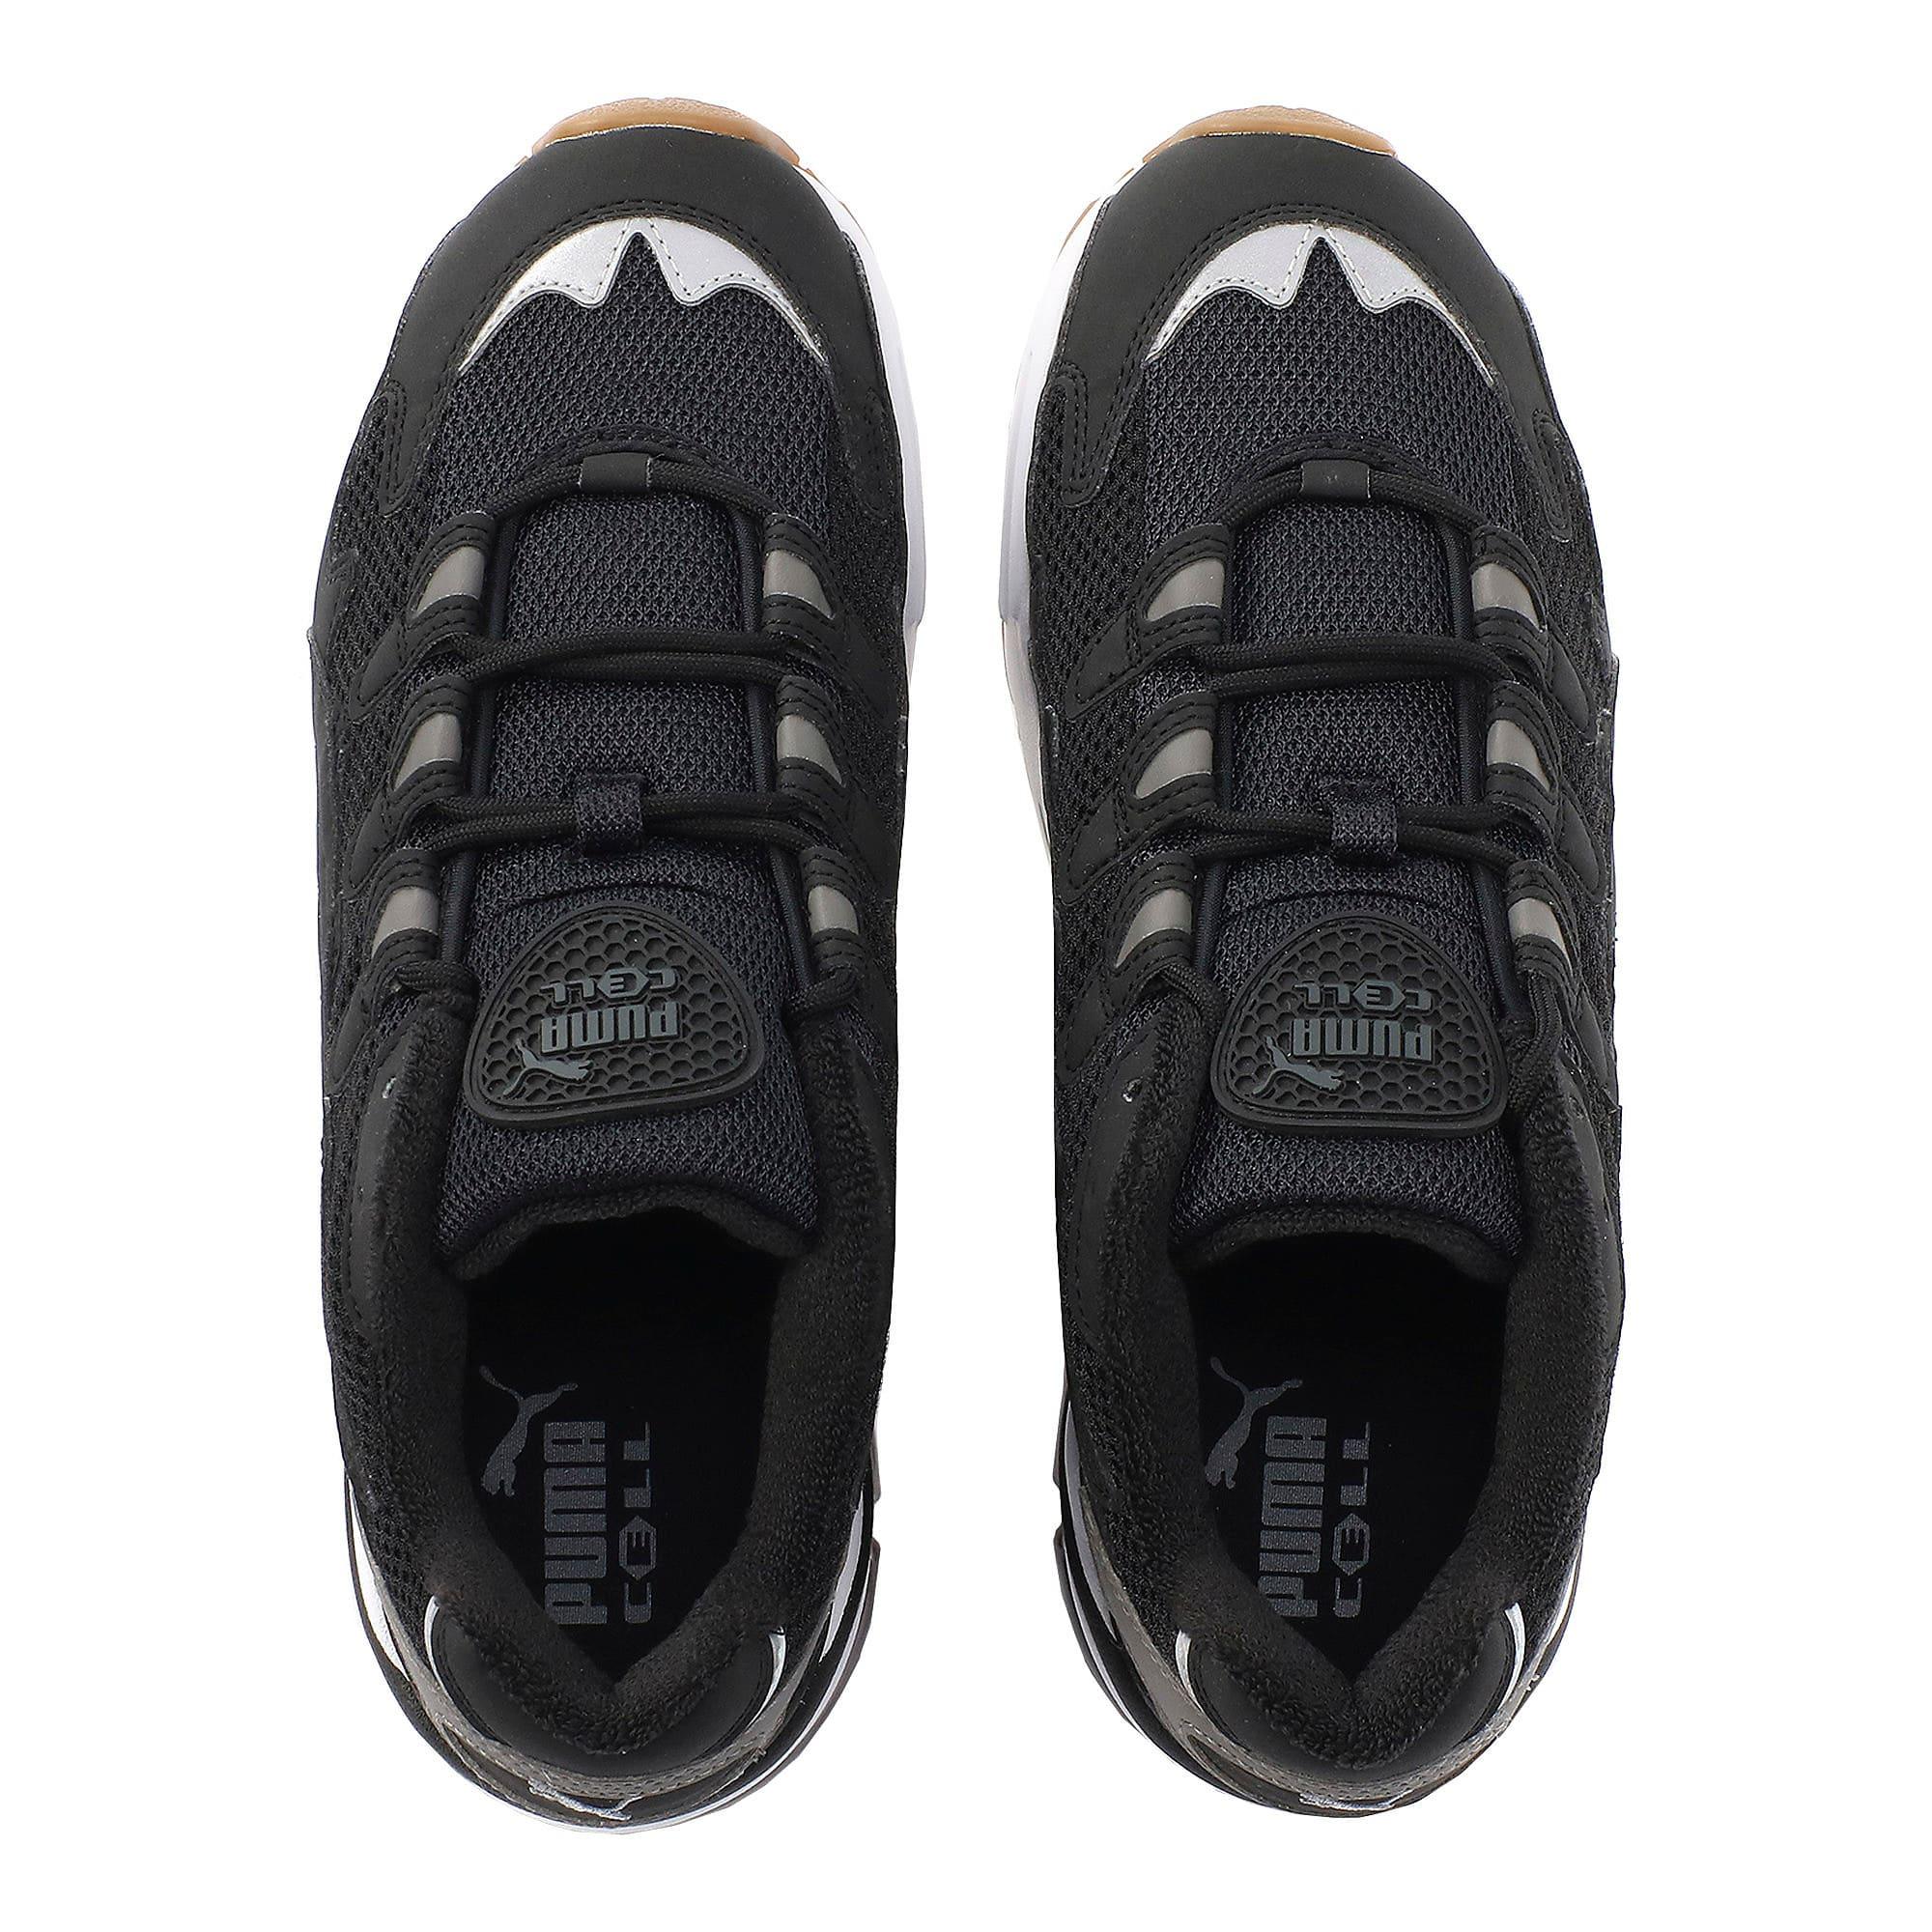 Thumbnail 6 of CELL Alien OG Sneakers, Puma Black-Gum, medium